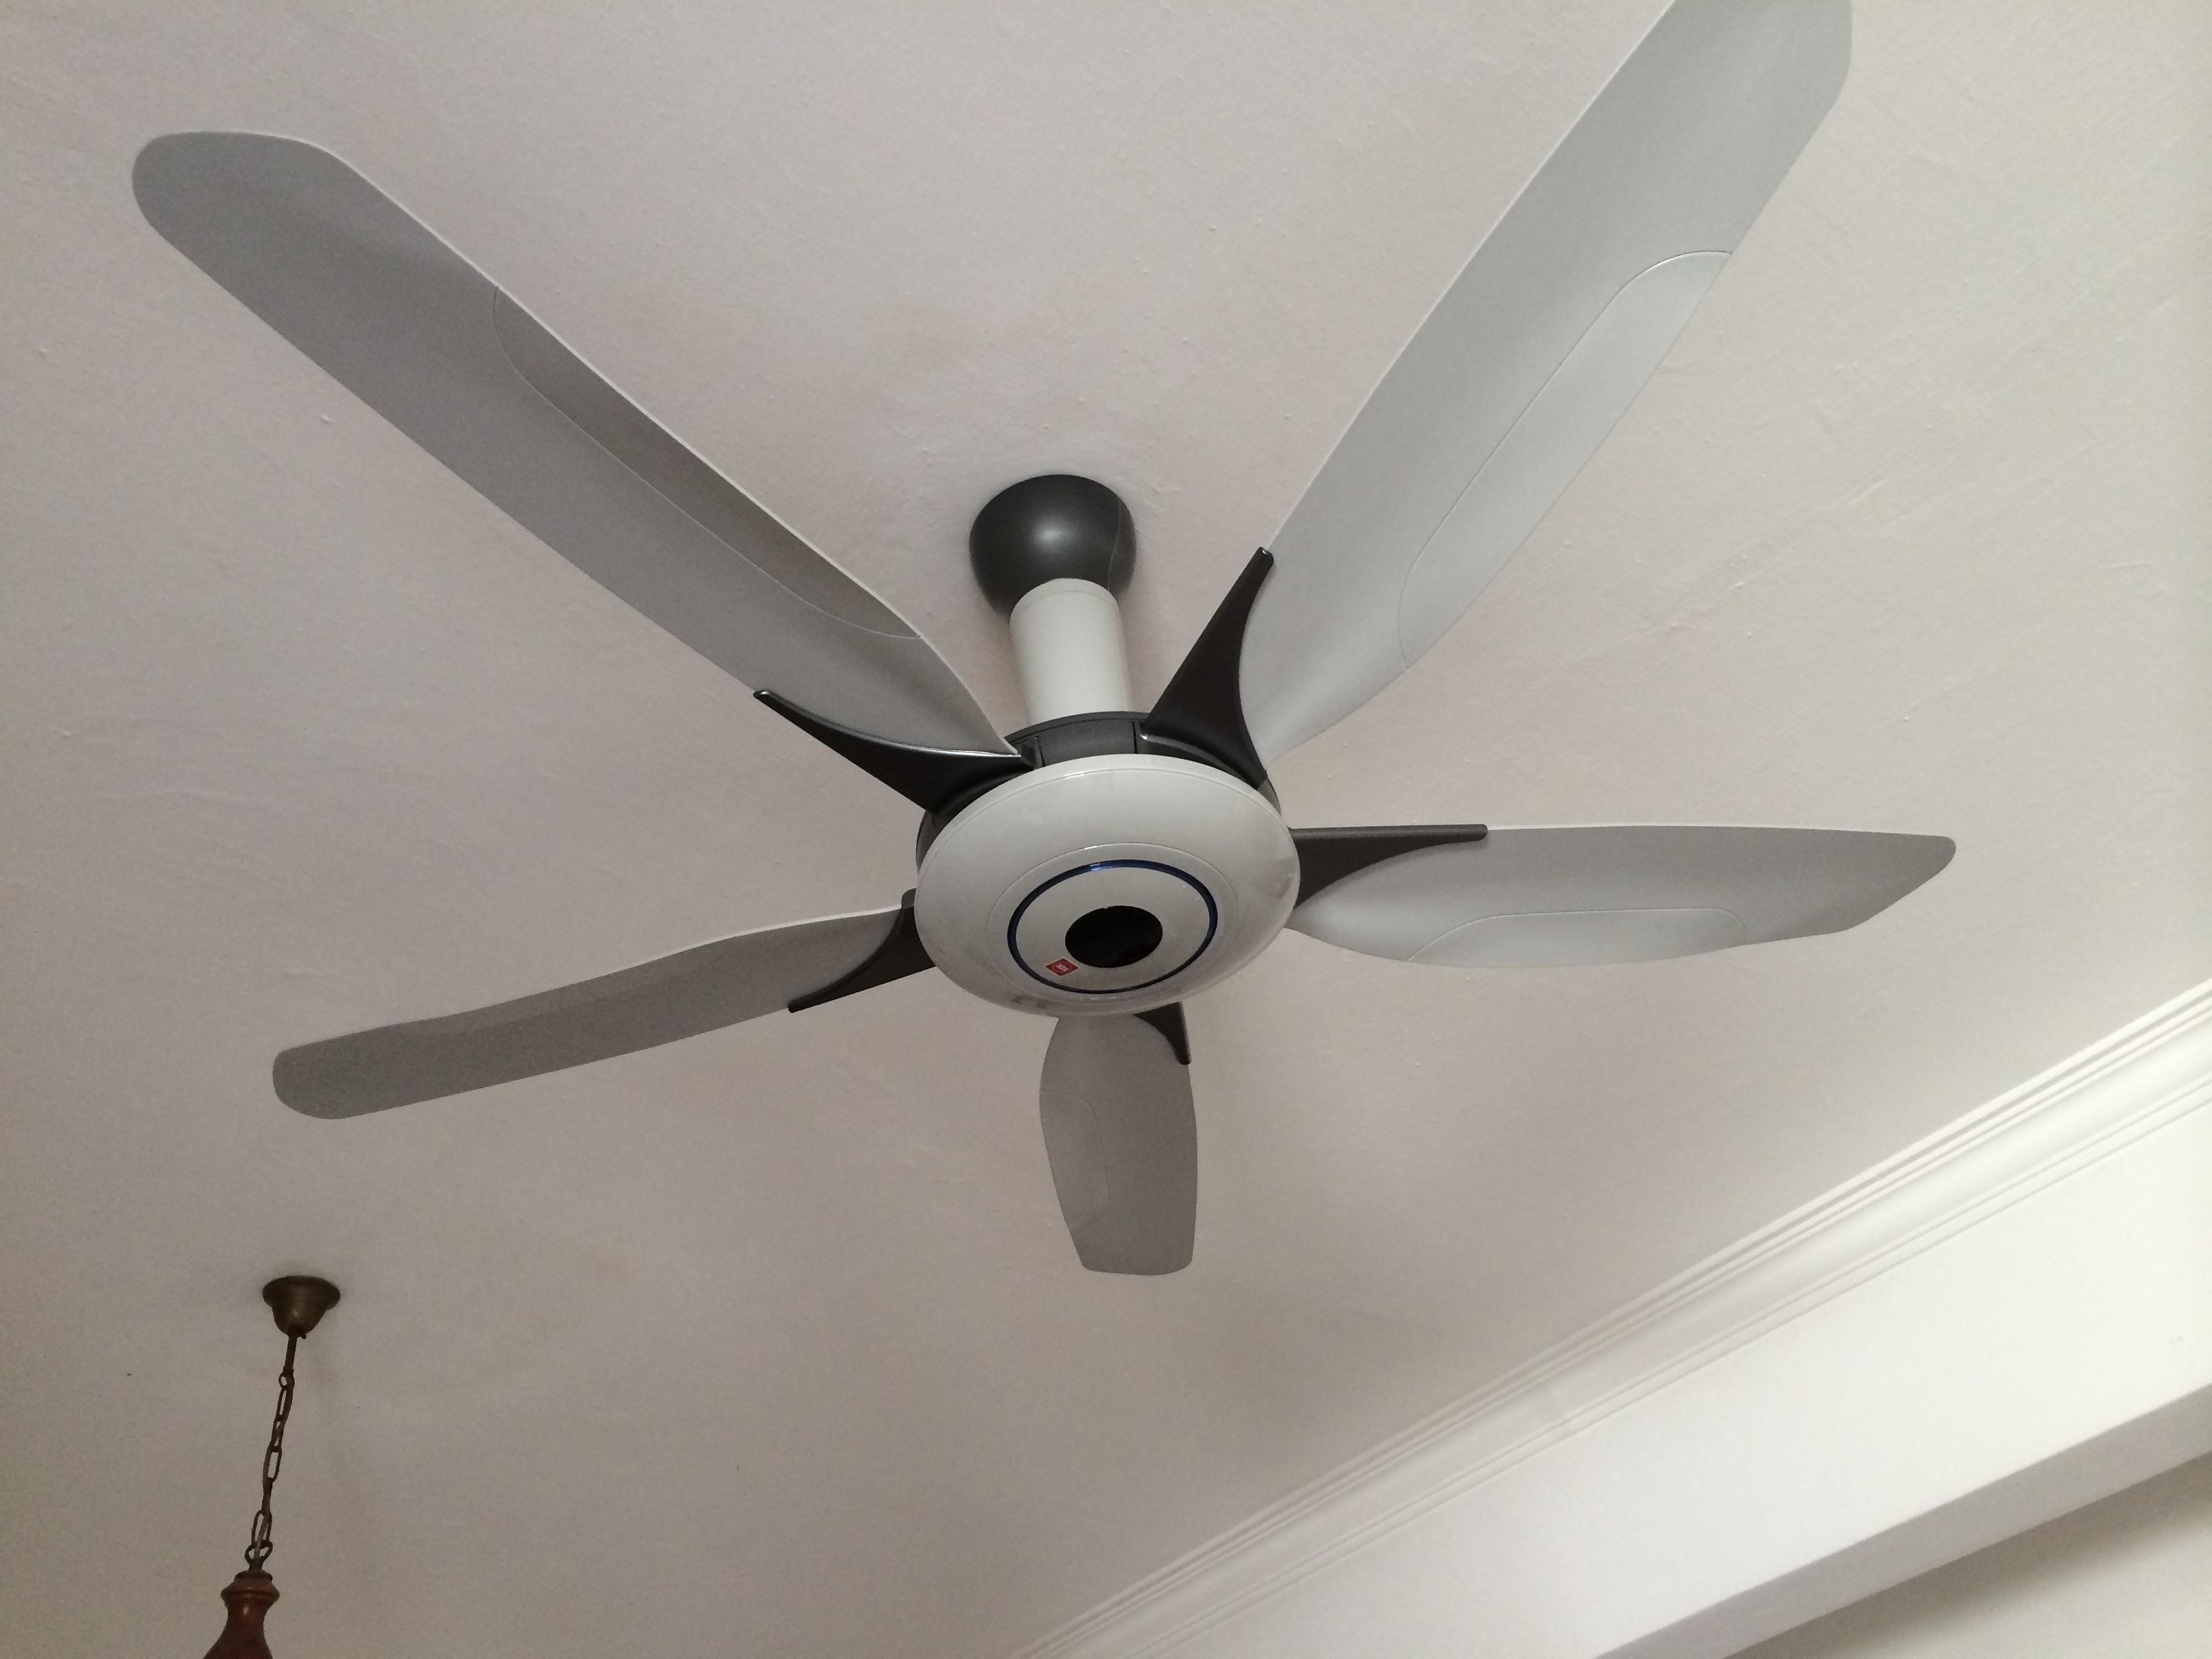 Water Ceiling Fan : Ceiling fan water heater sgonestopservice kdk z w